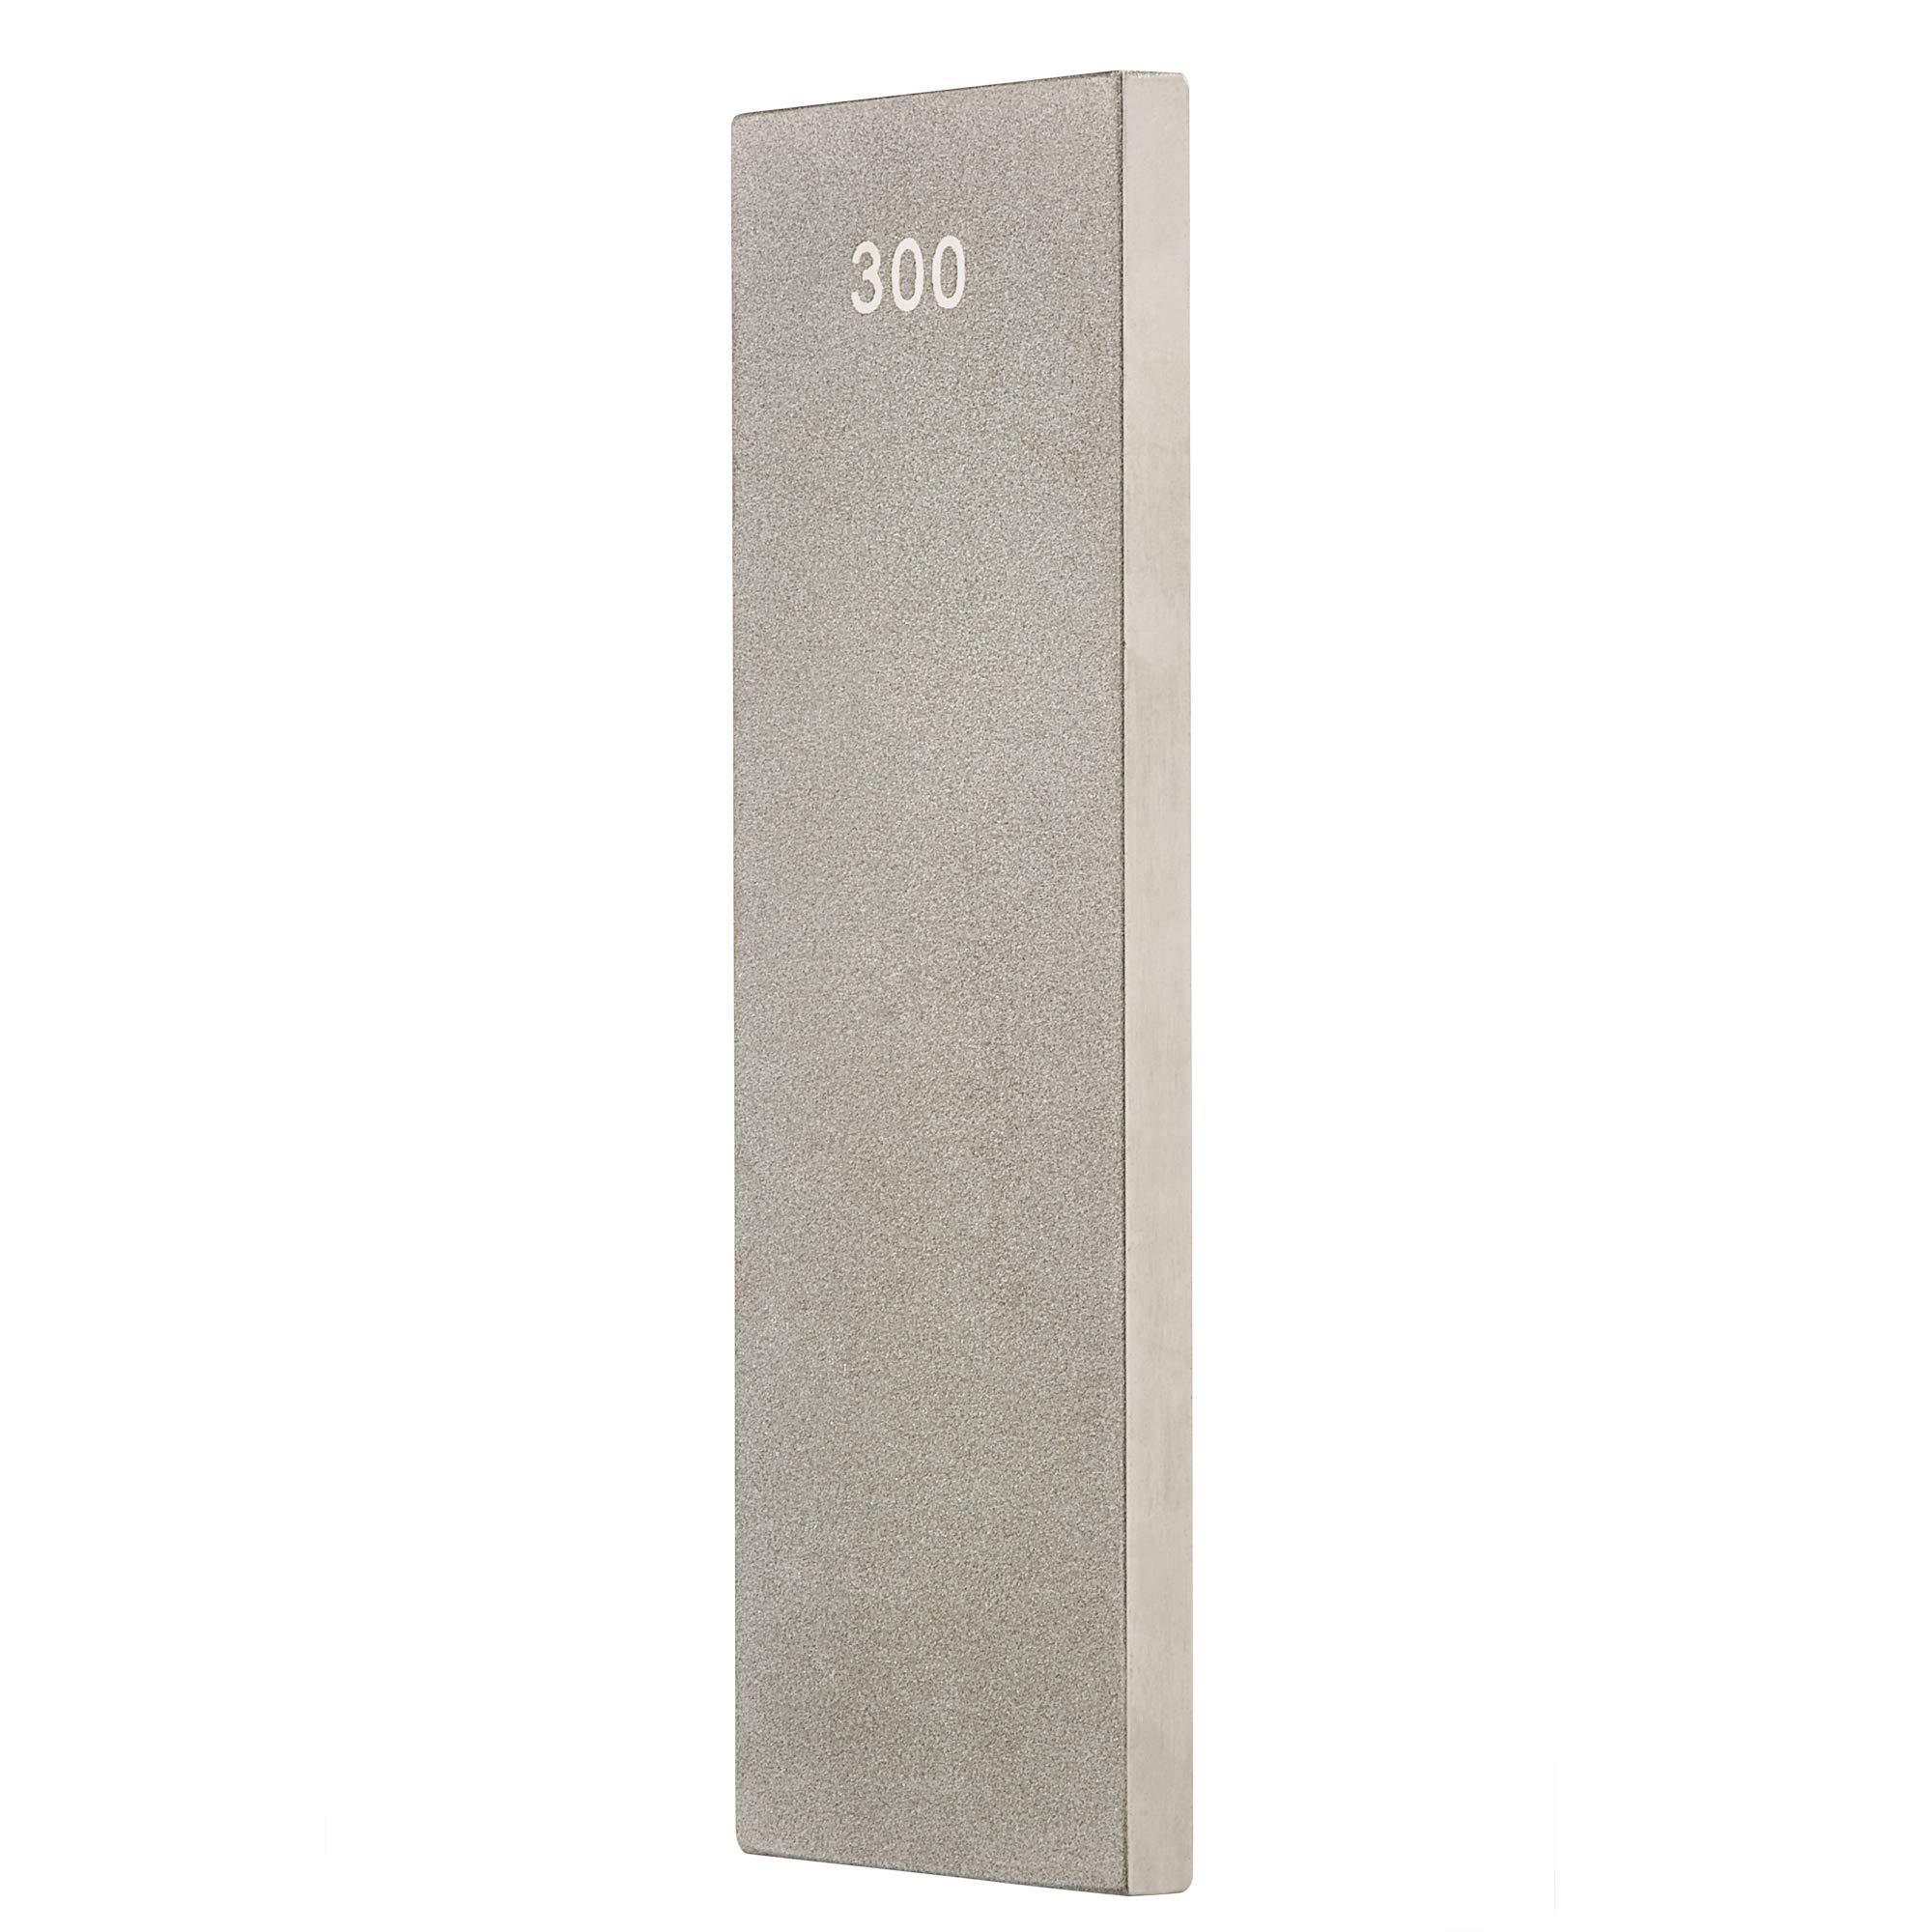 Trend 6 Inch Precision Diamond Bench Stone Silver